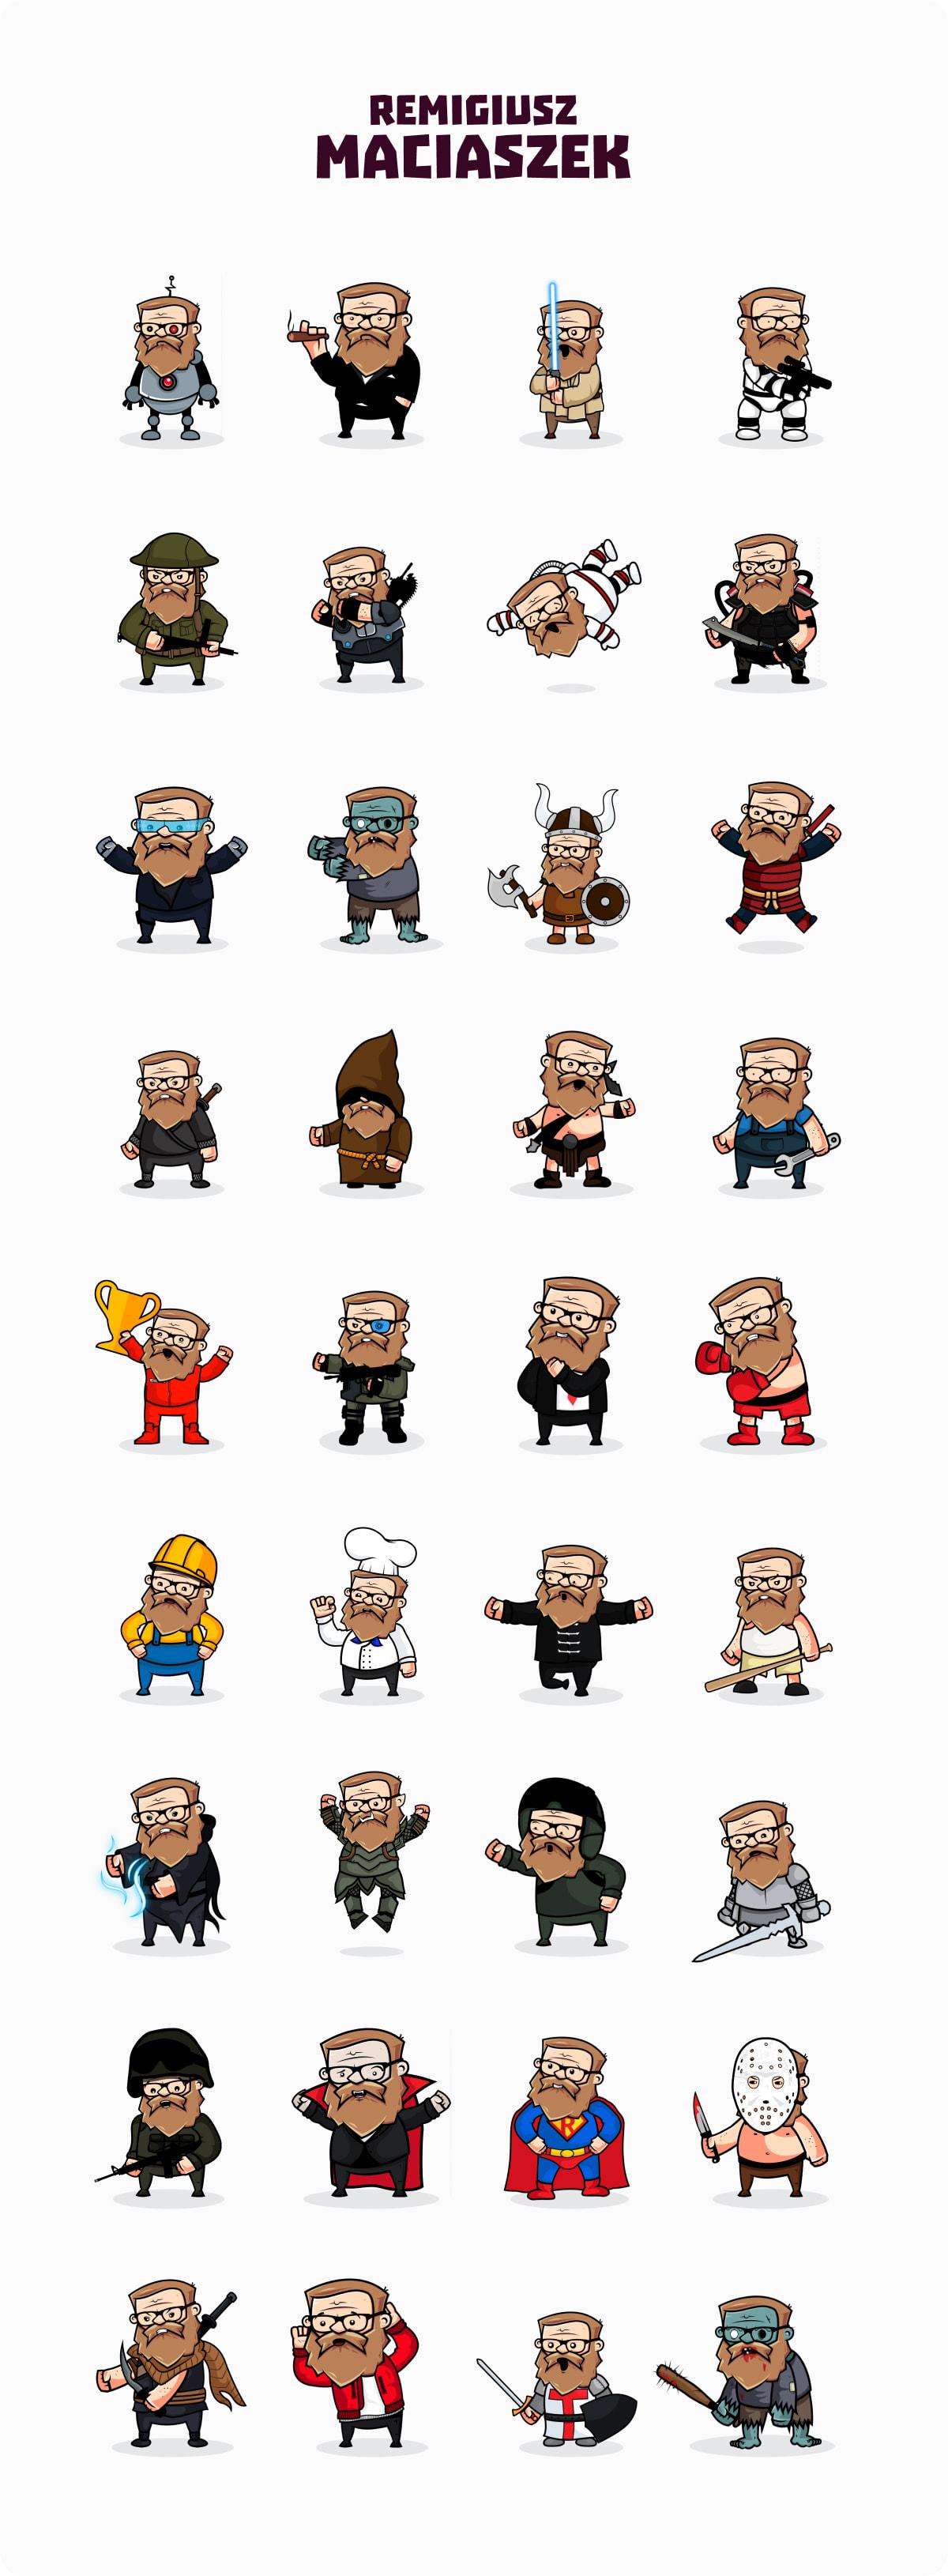 Remigiusz Maciaszek Rock JaRock Ilustracje w różnych osobowościach żołnierz kucharz kosmonauta cyberpunk mag superman